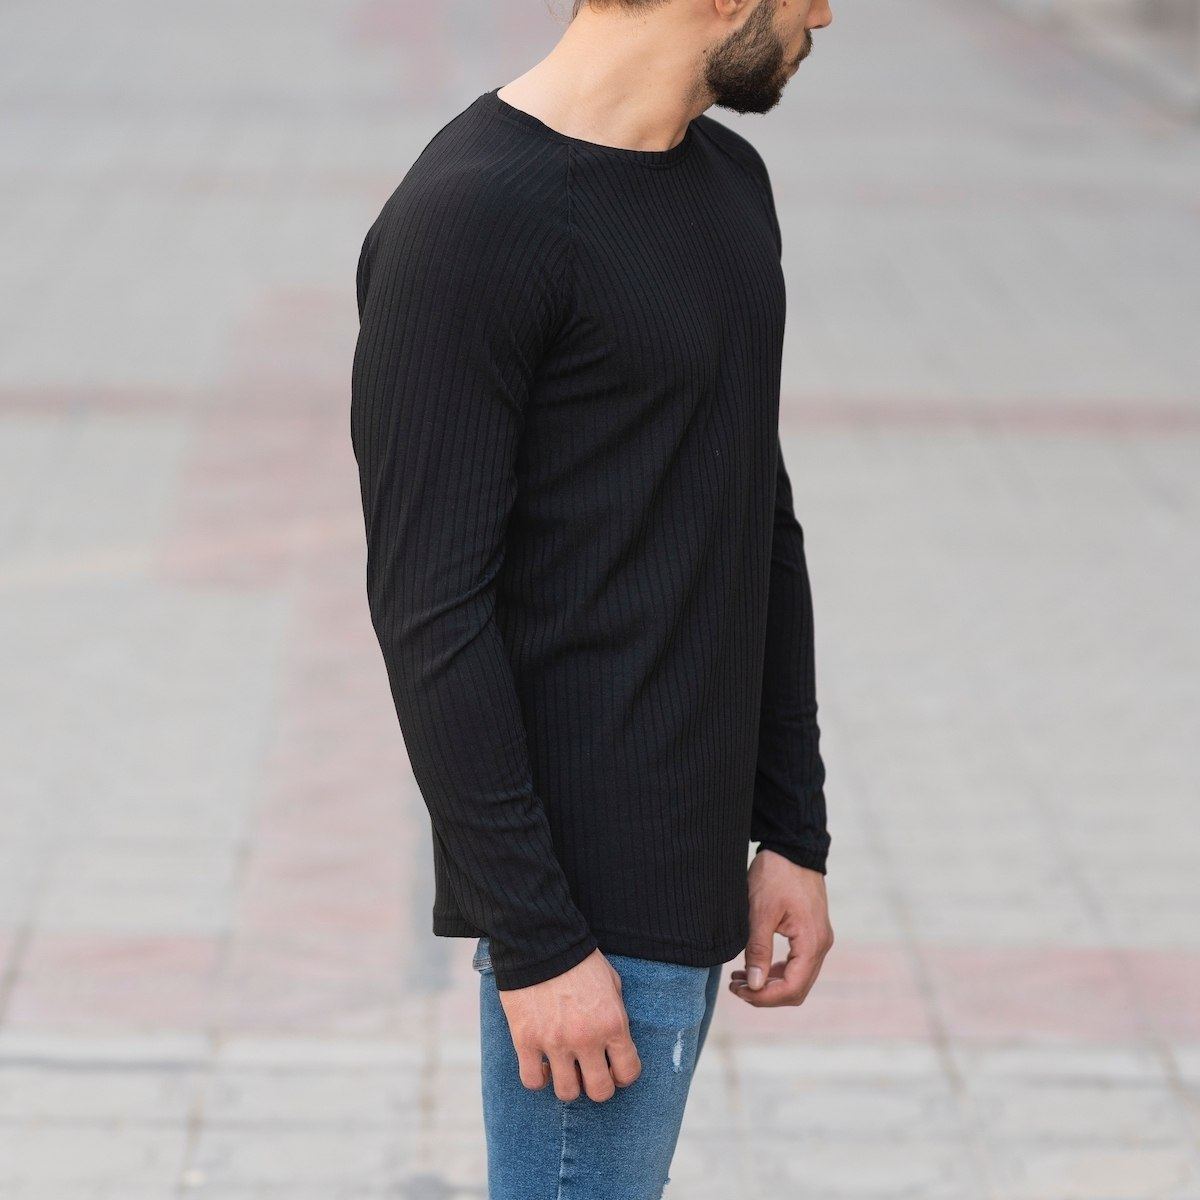 Black Sweatshirt With Stripe Details Mv Premium Brand - 2